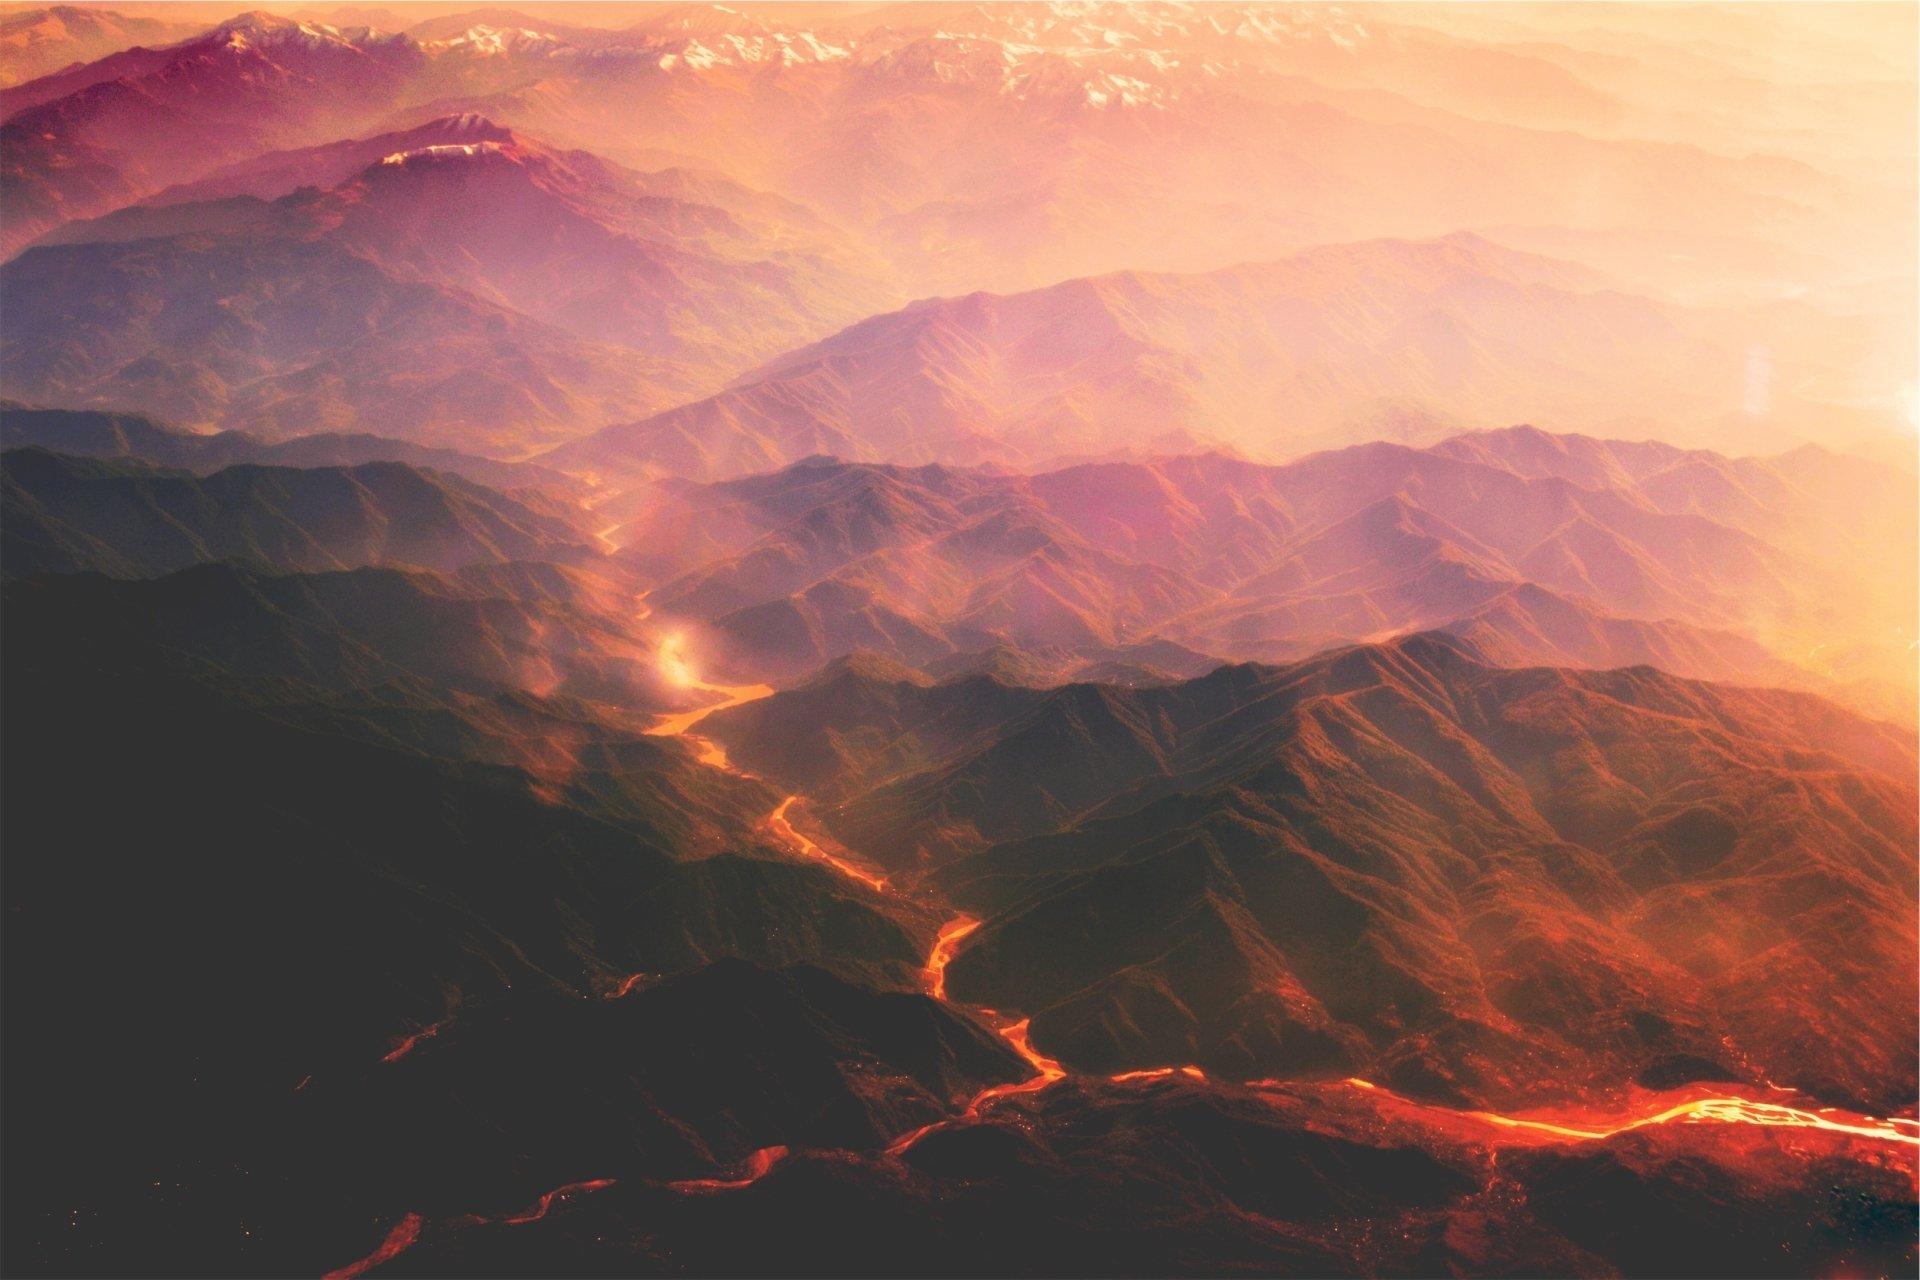 Fondos De Pantalla De Lava: Molten Lava Makes A River Through The Mountains Full HD